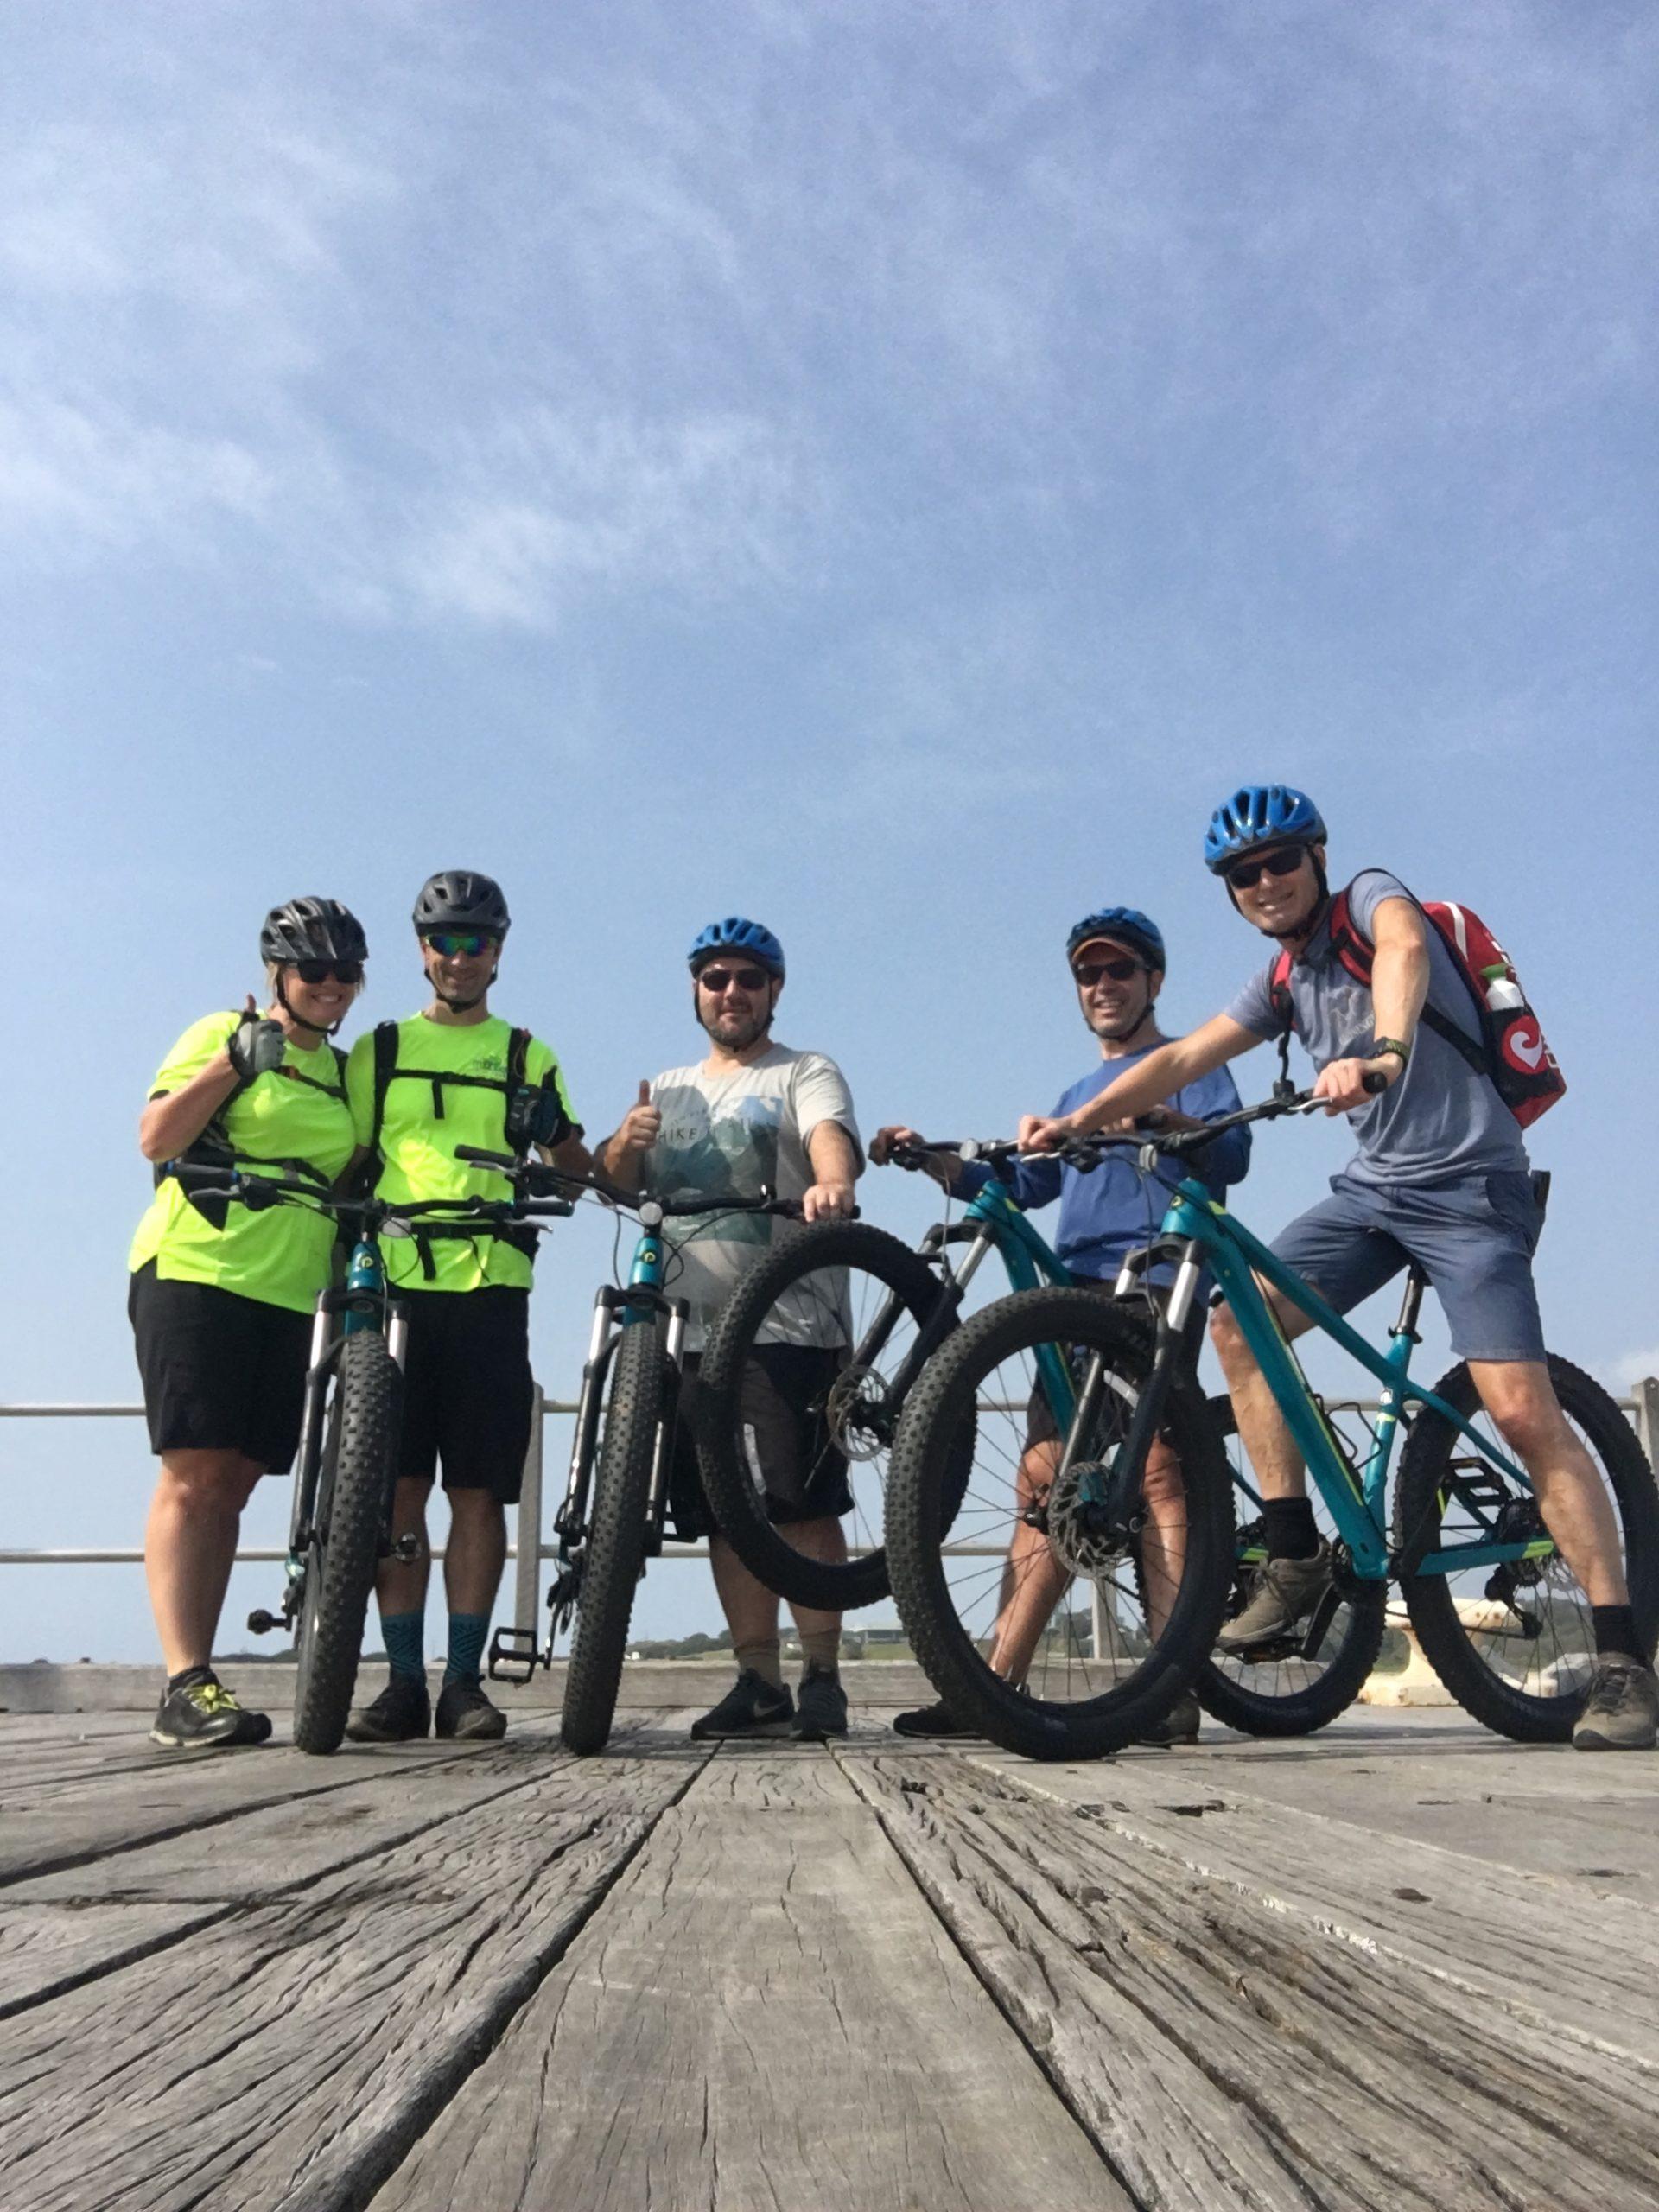 Jetty Bike Tour